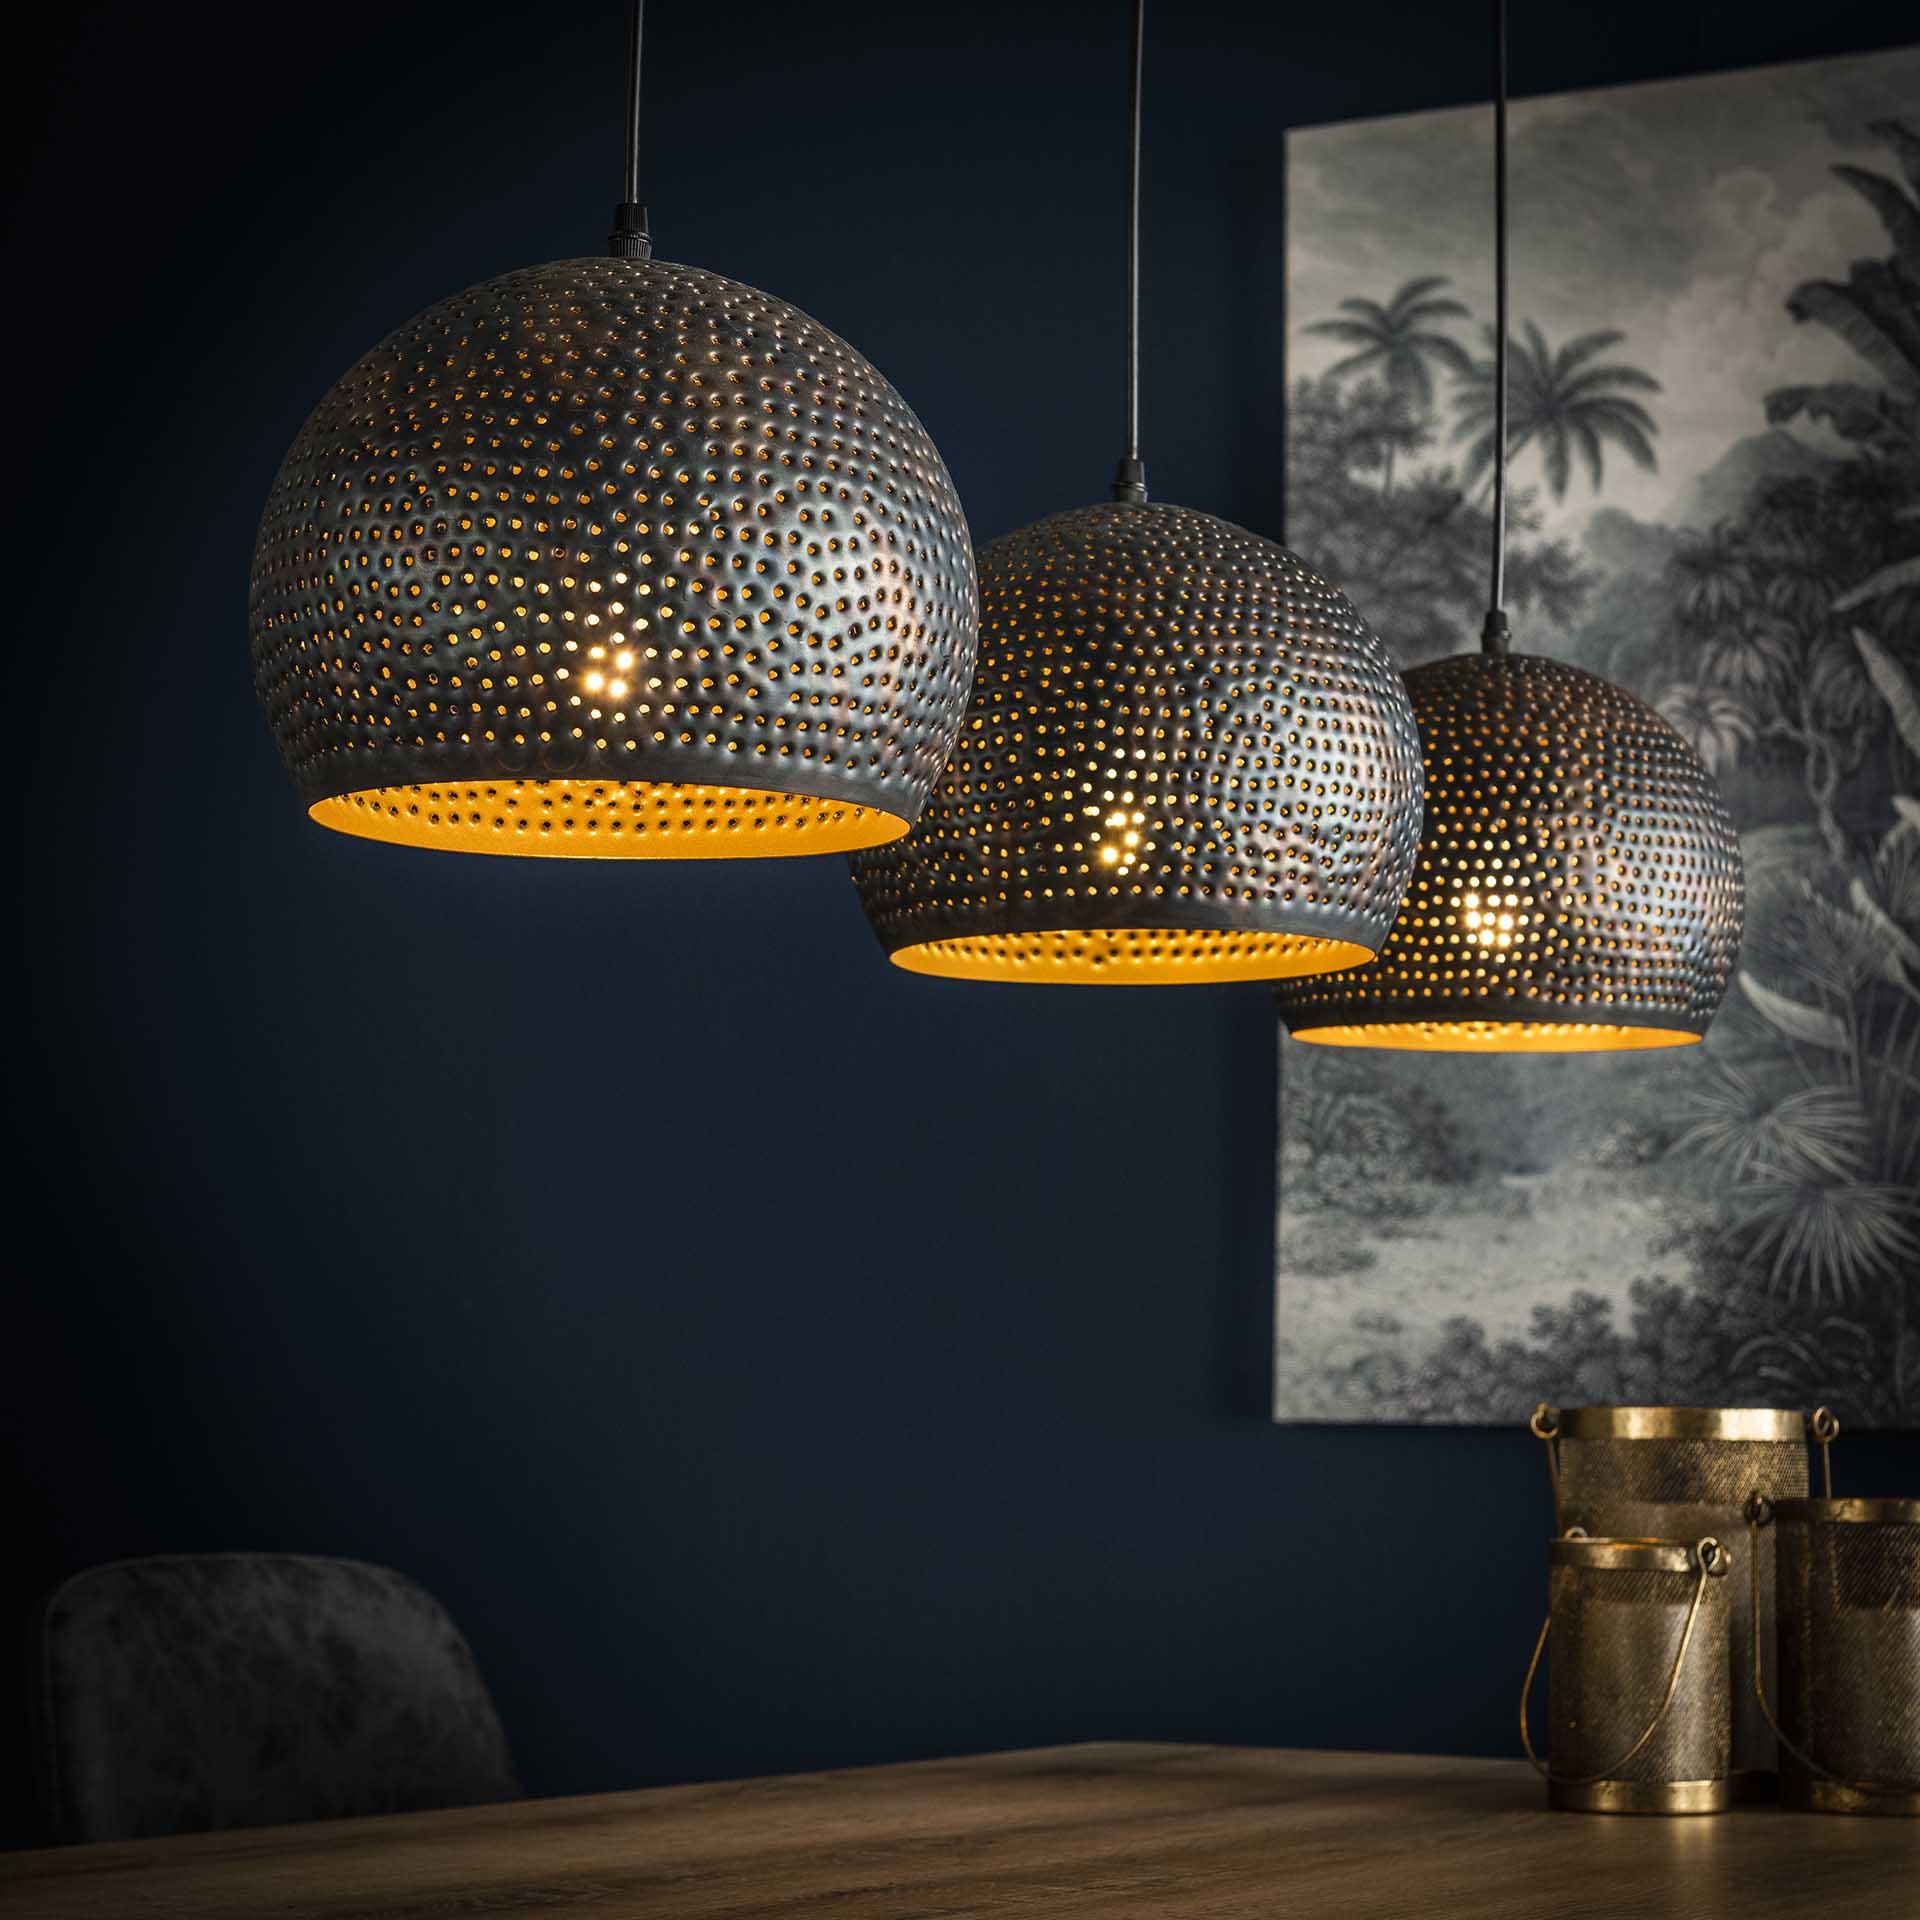 Hanglamp 3x25 punch bol - Zwart bruin